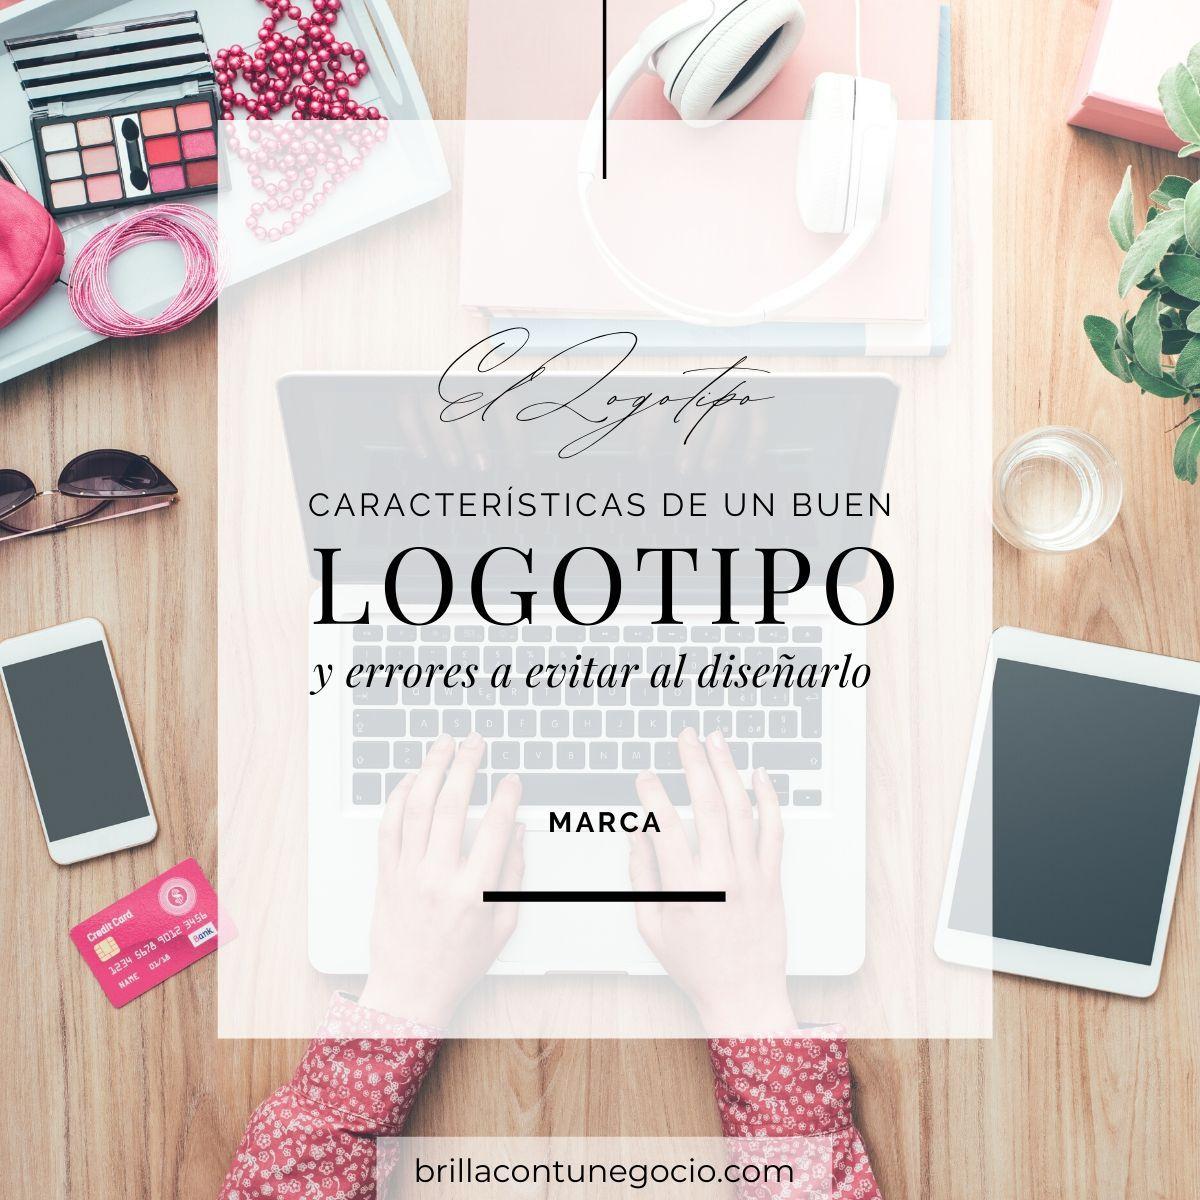 Características de un buen logotipo y errores a evitar al diseñarlo